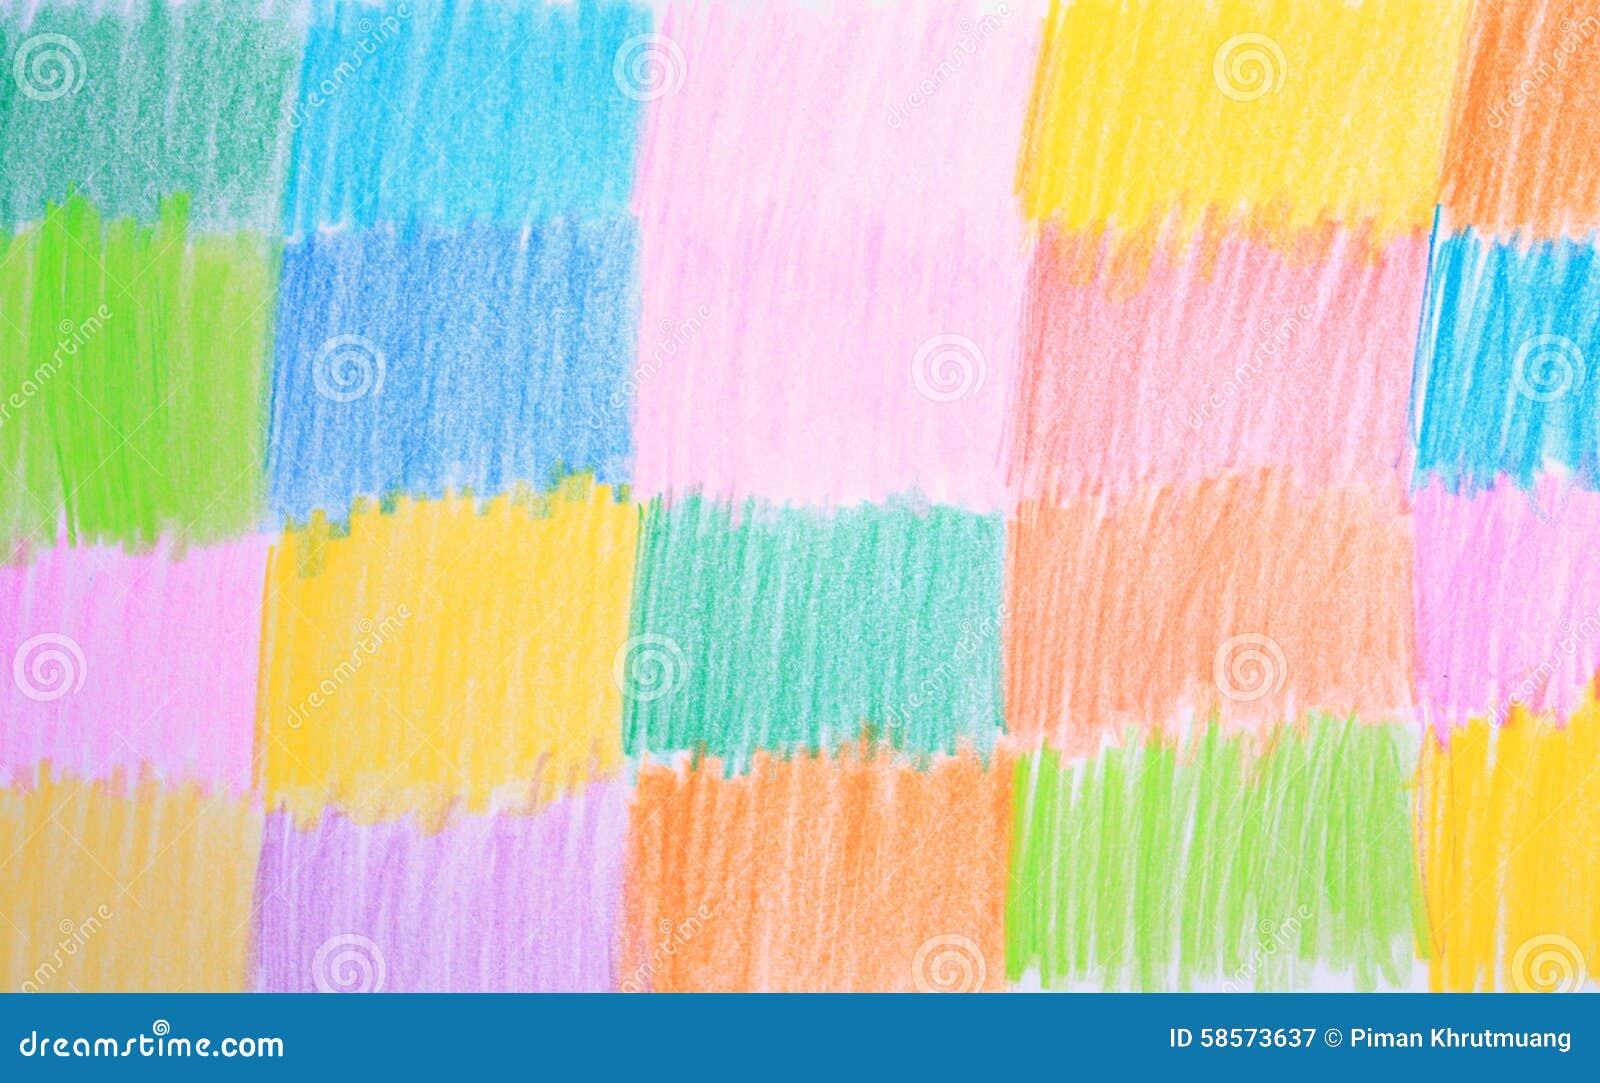 fond de dessin au crayon de couleur image stock image 58573637. Black Bedroom Furniture Sets. Home Design Ideas